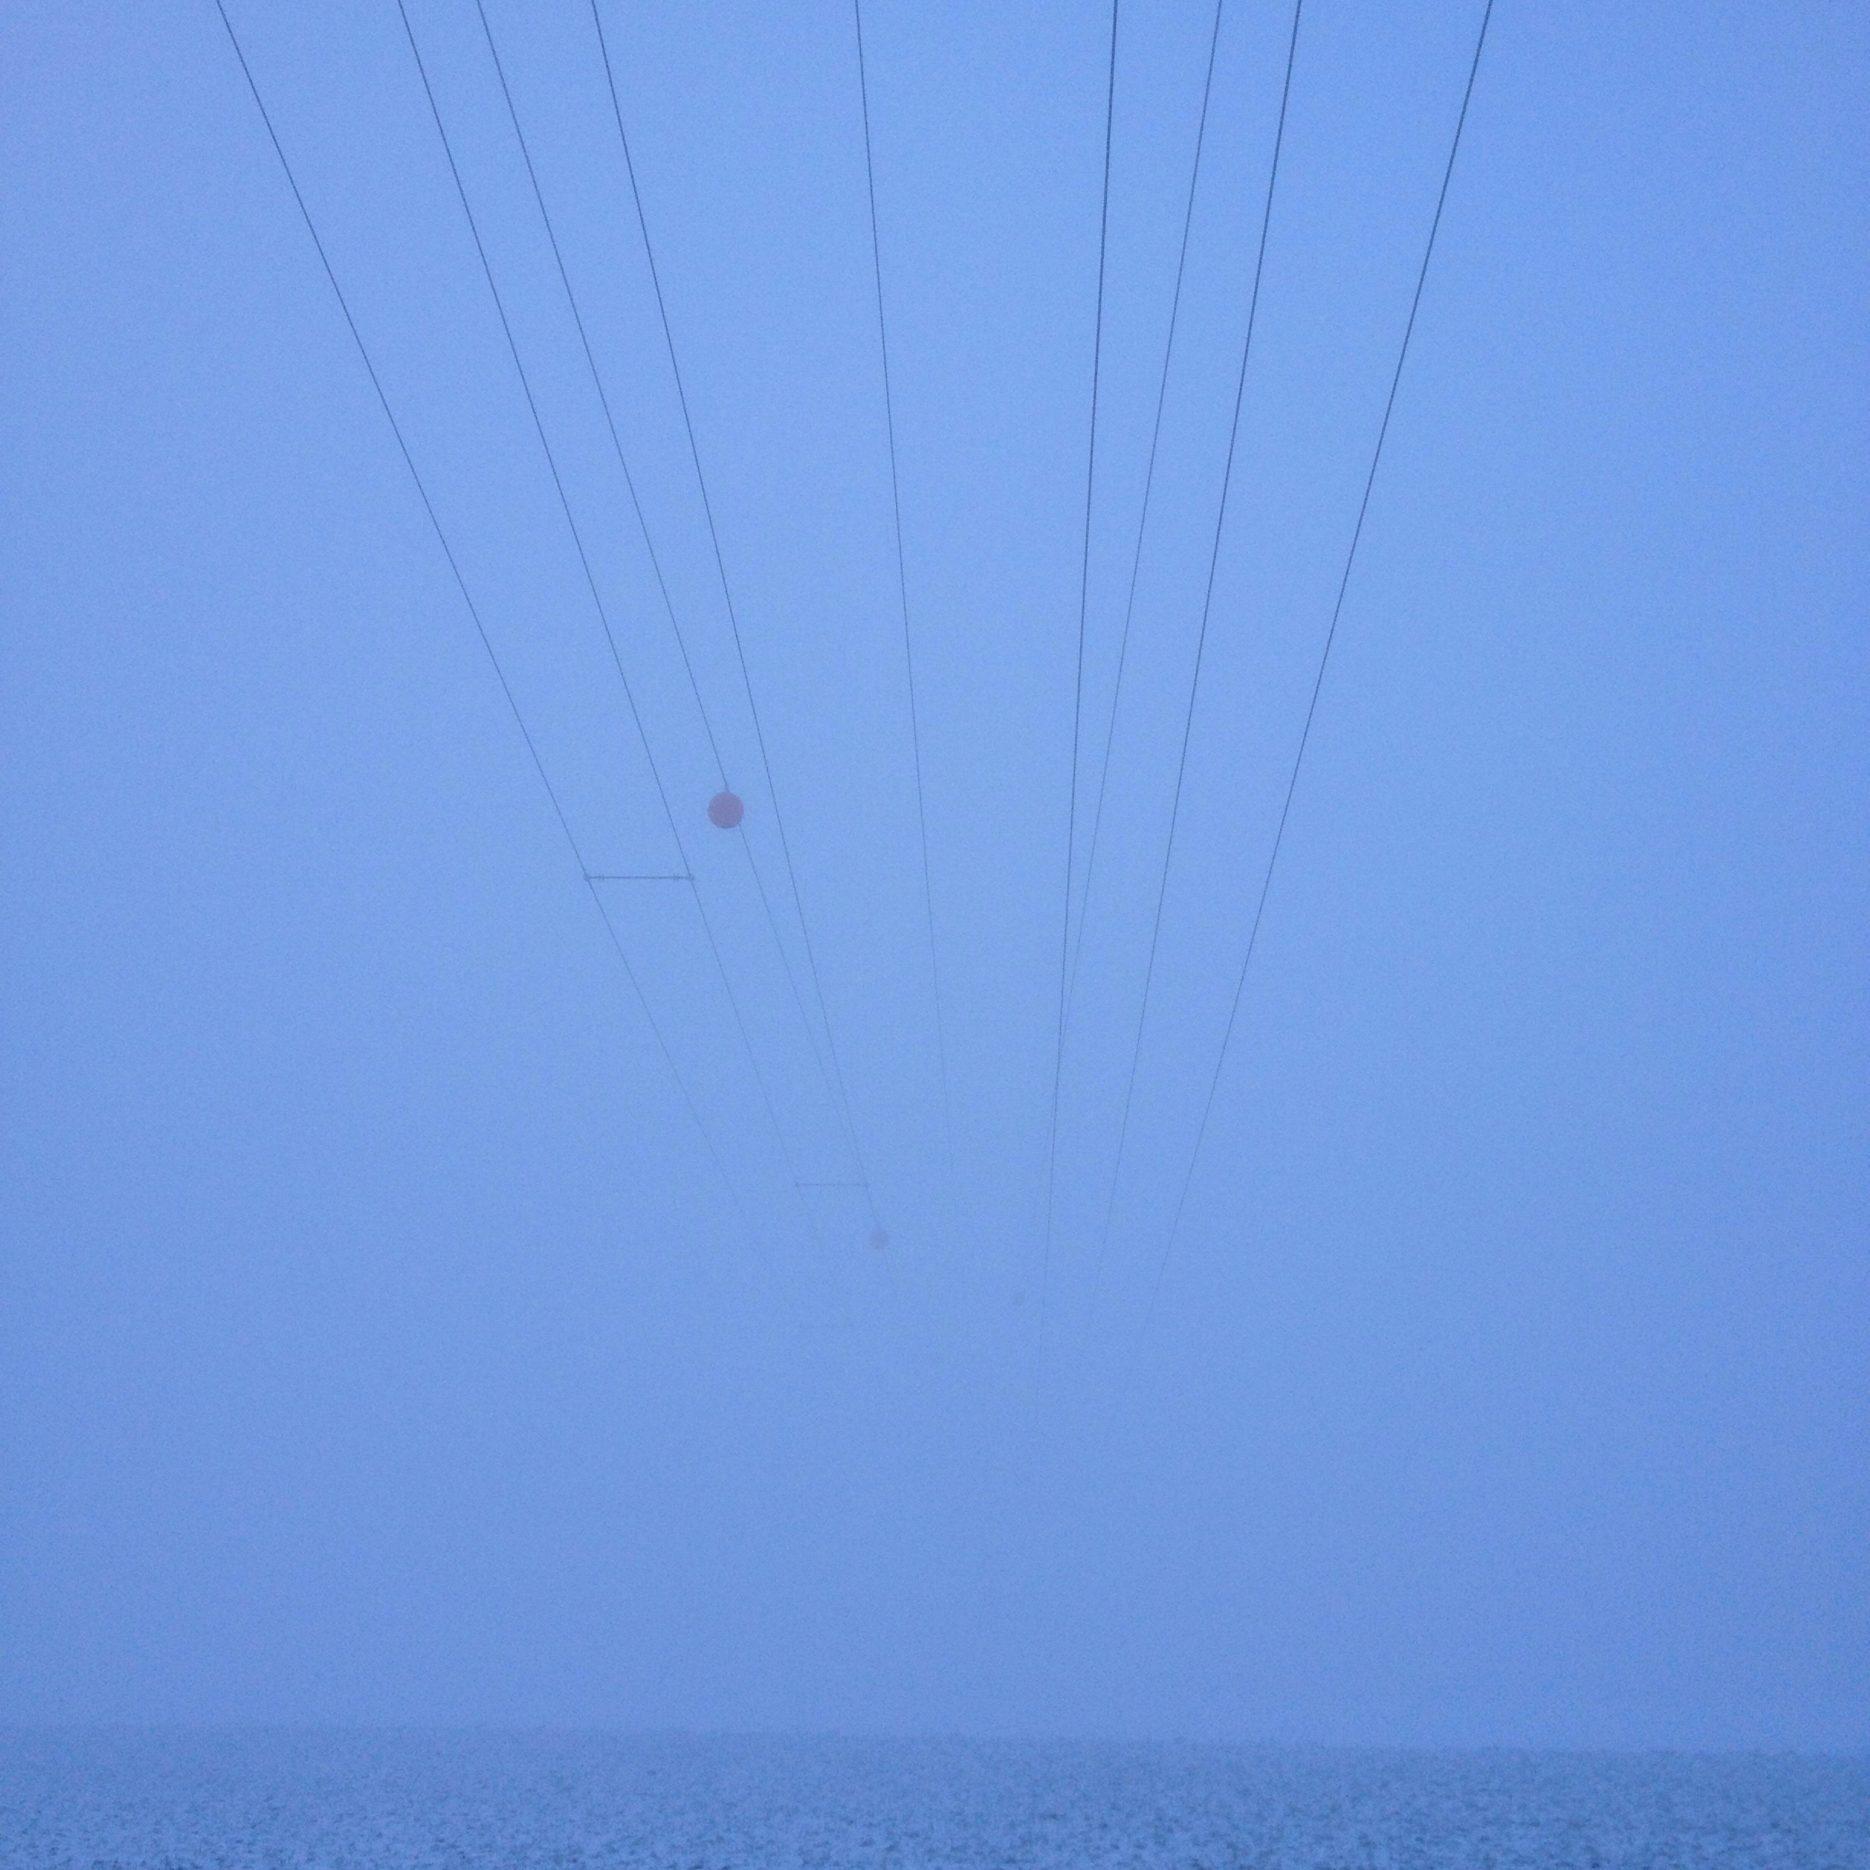 12.03.13 Misty Day